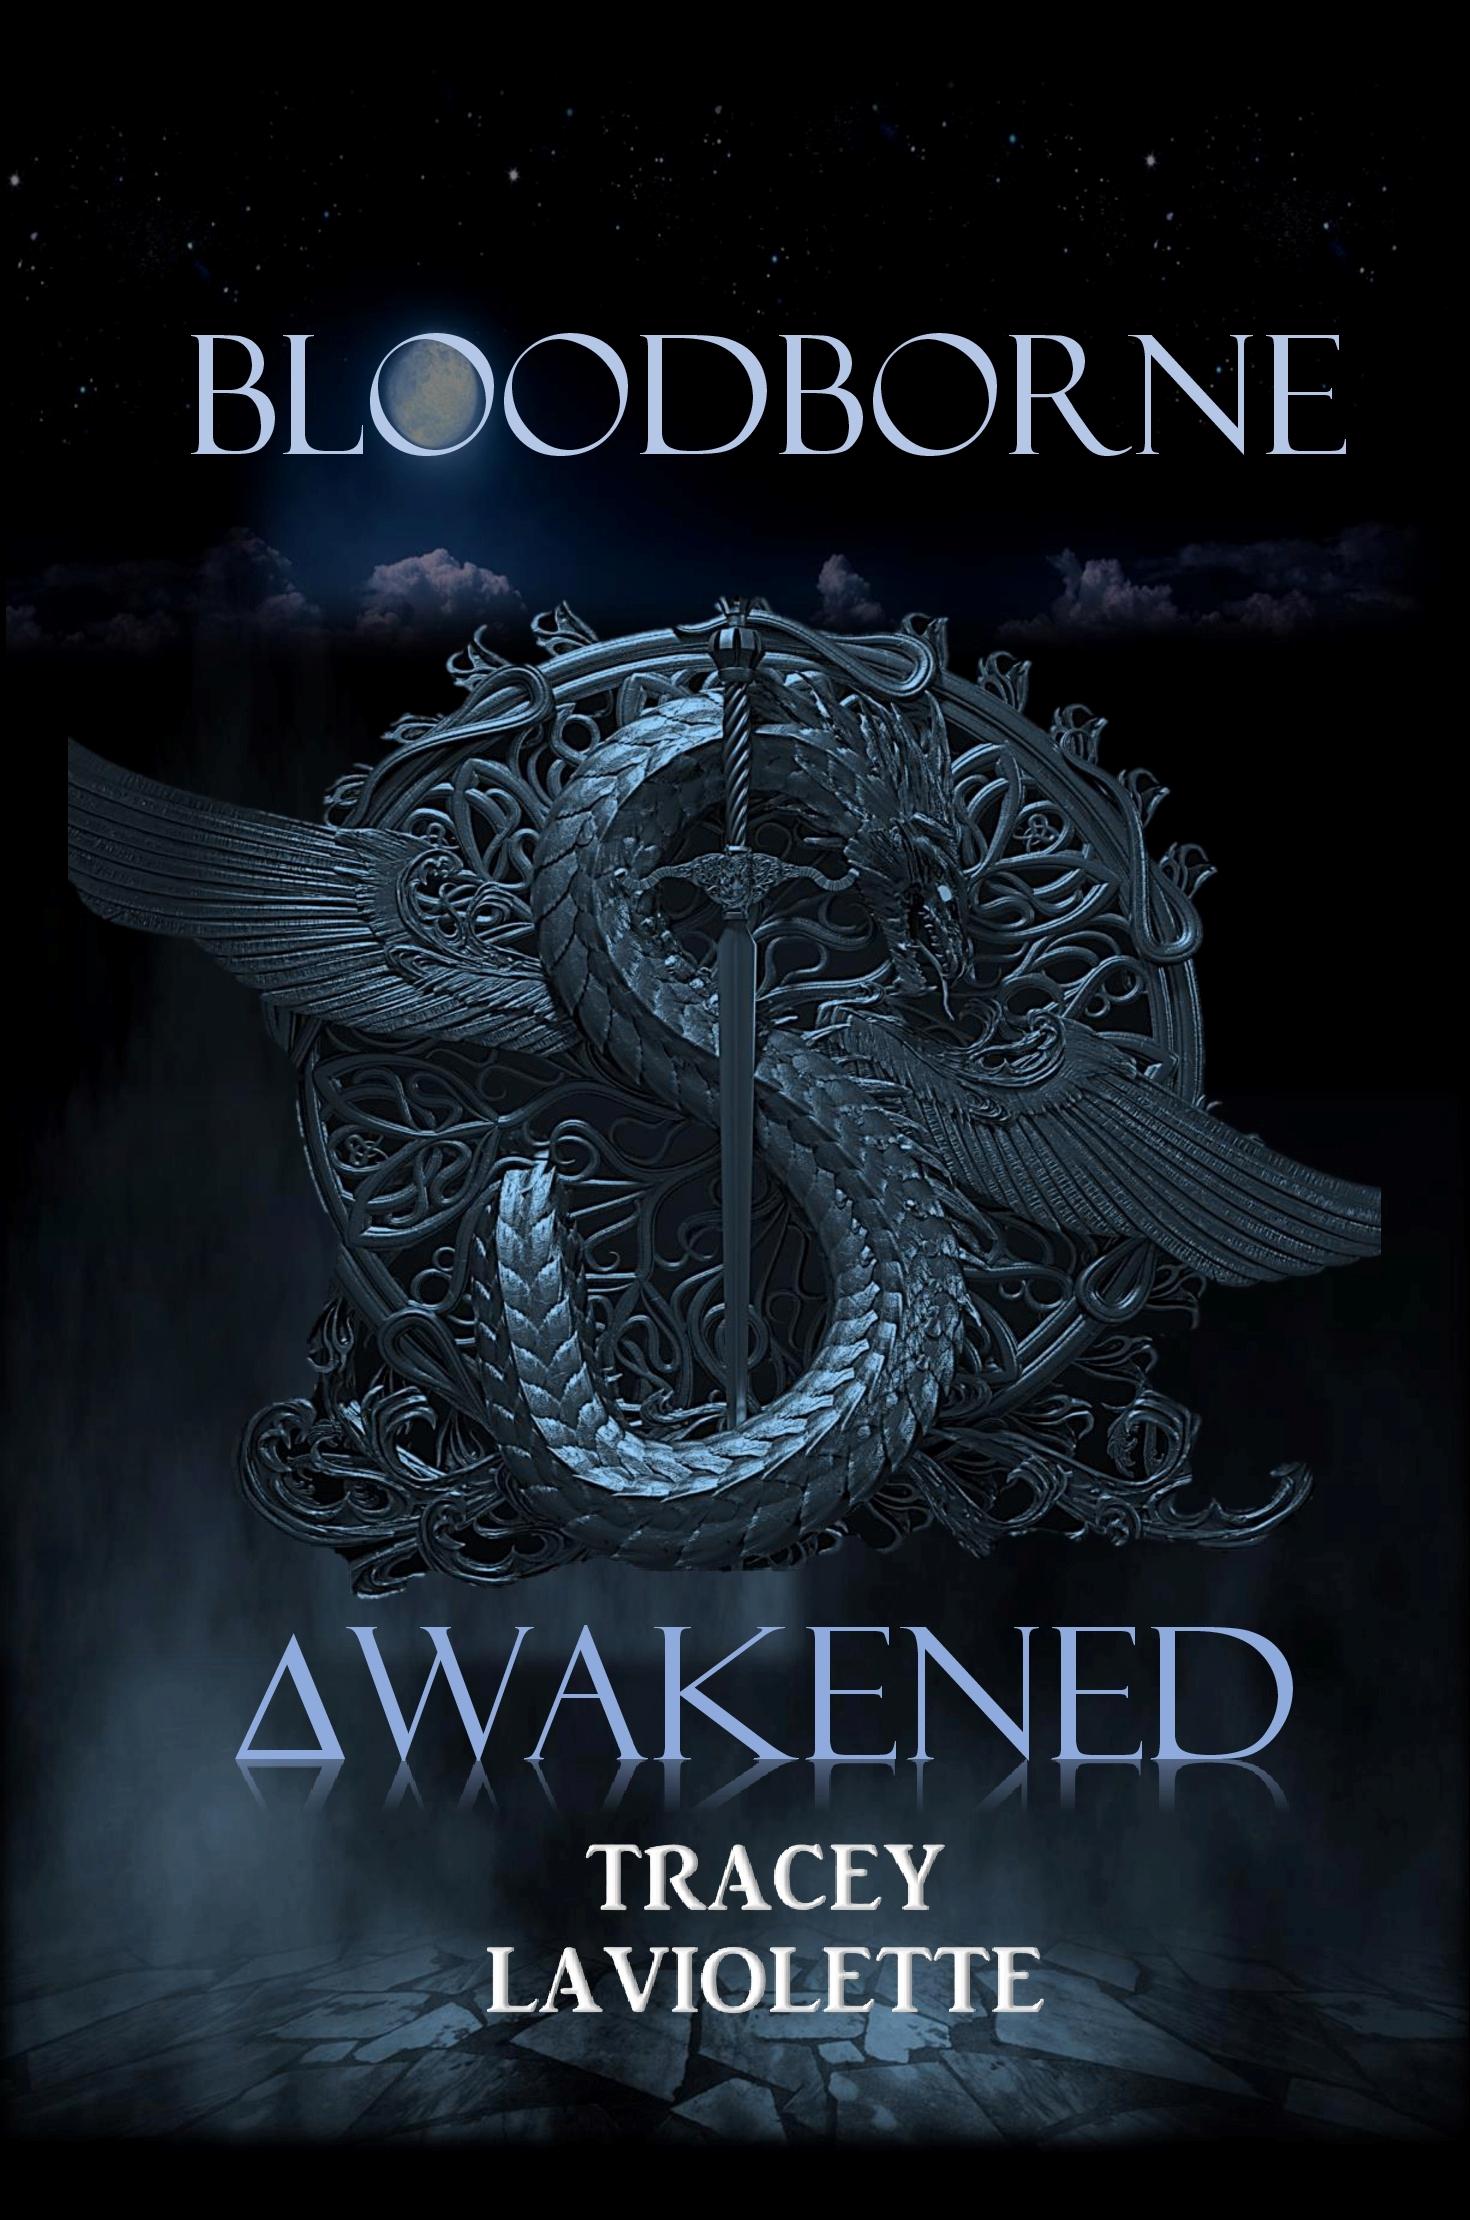 Bloodborne Awakened